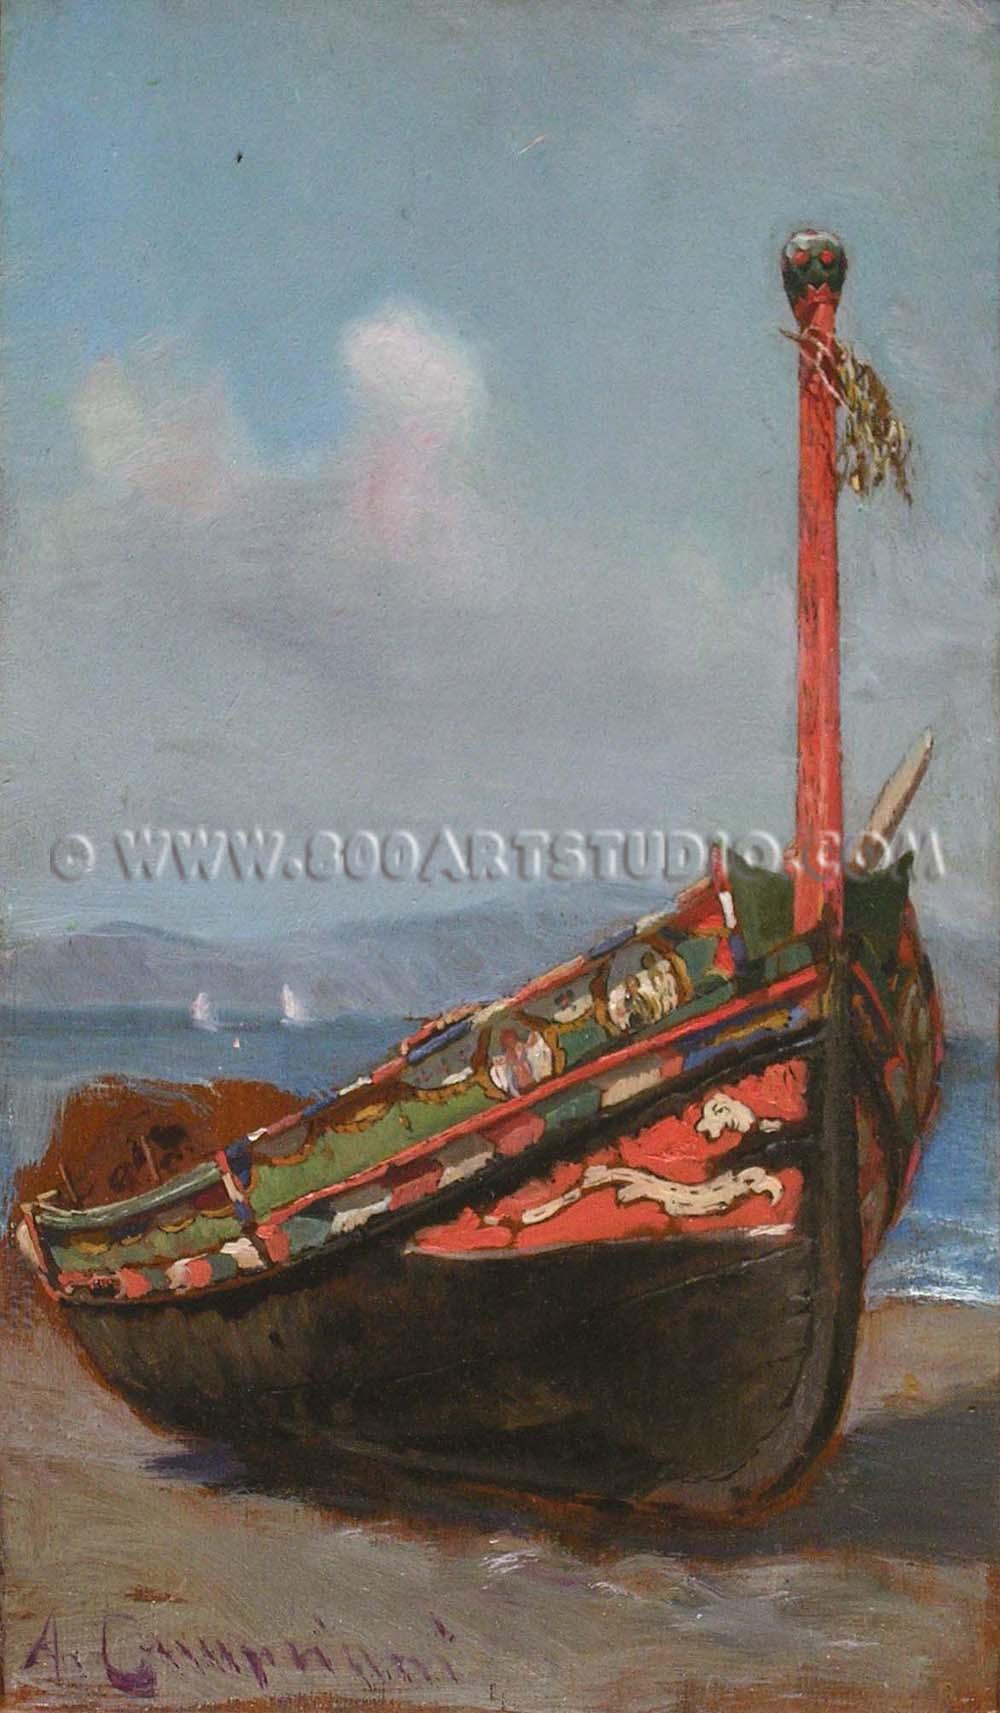 Alceste Campriani - Barca sulla spiaggia